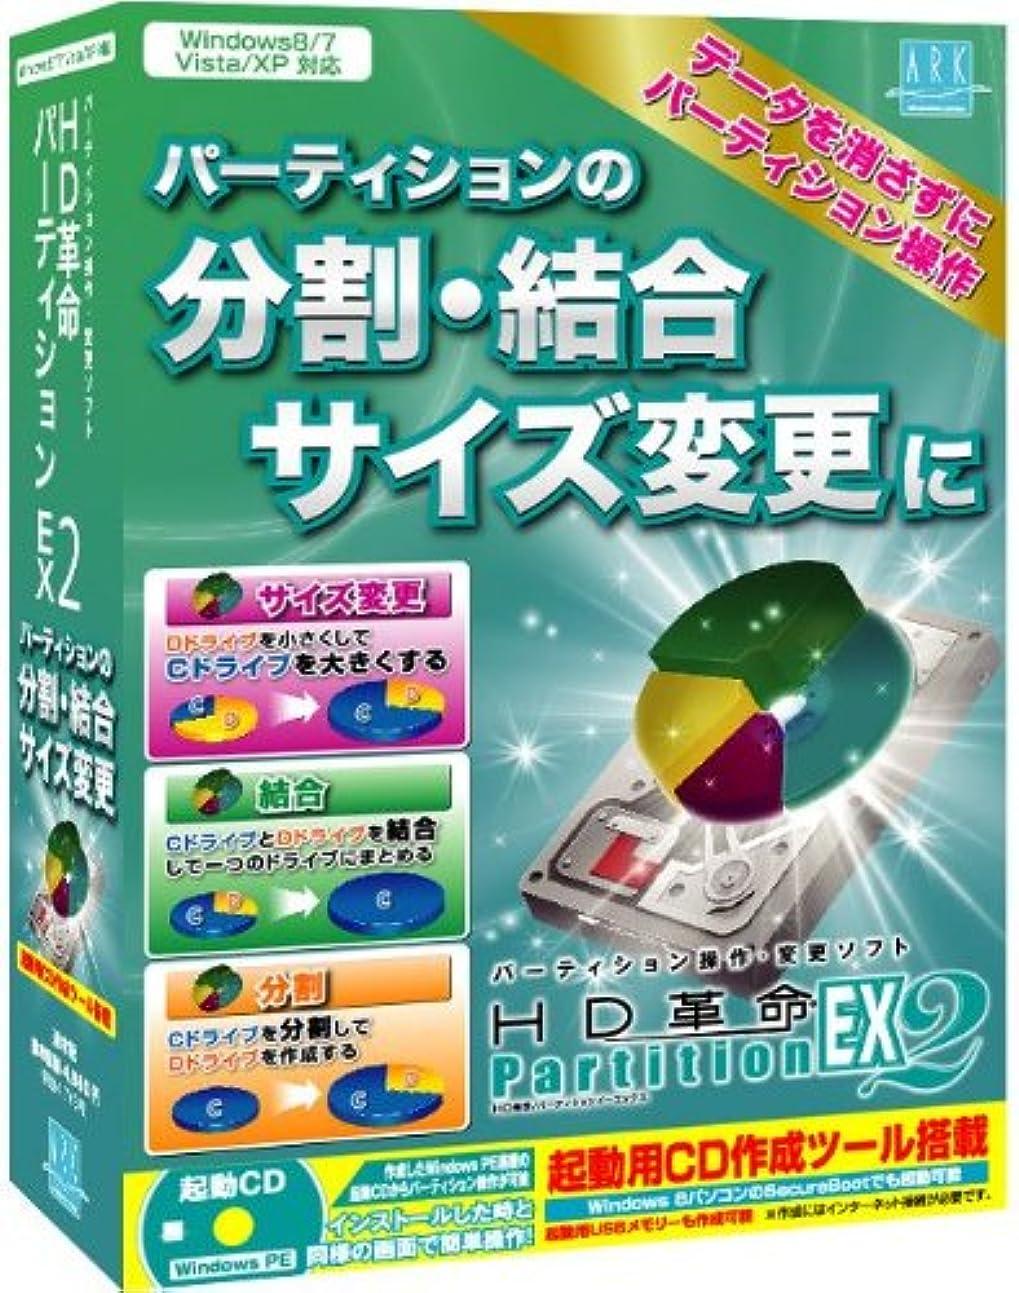 ポンド乱用移動するHD革命/Partition EX2s 通常版